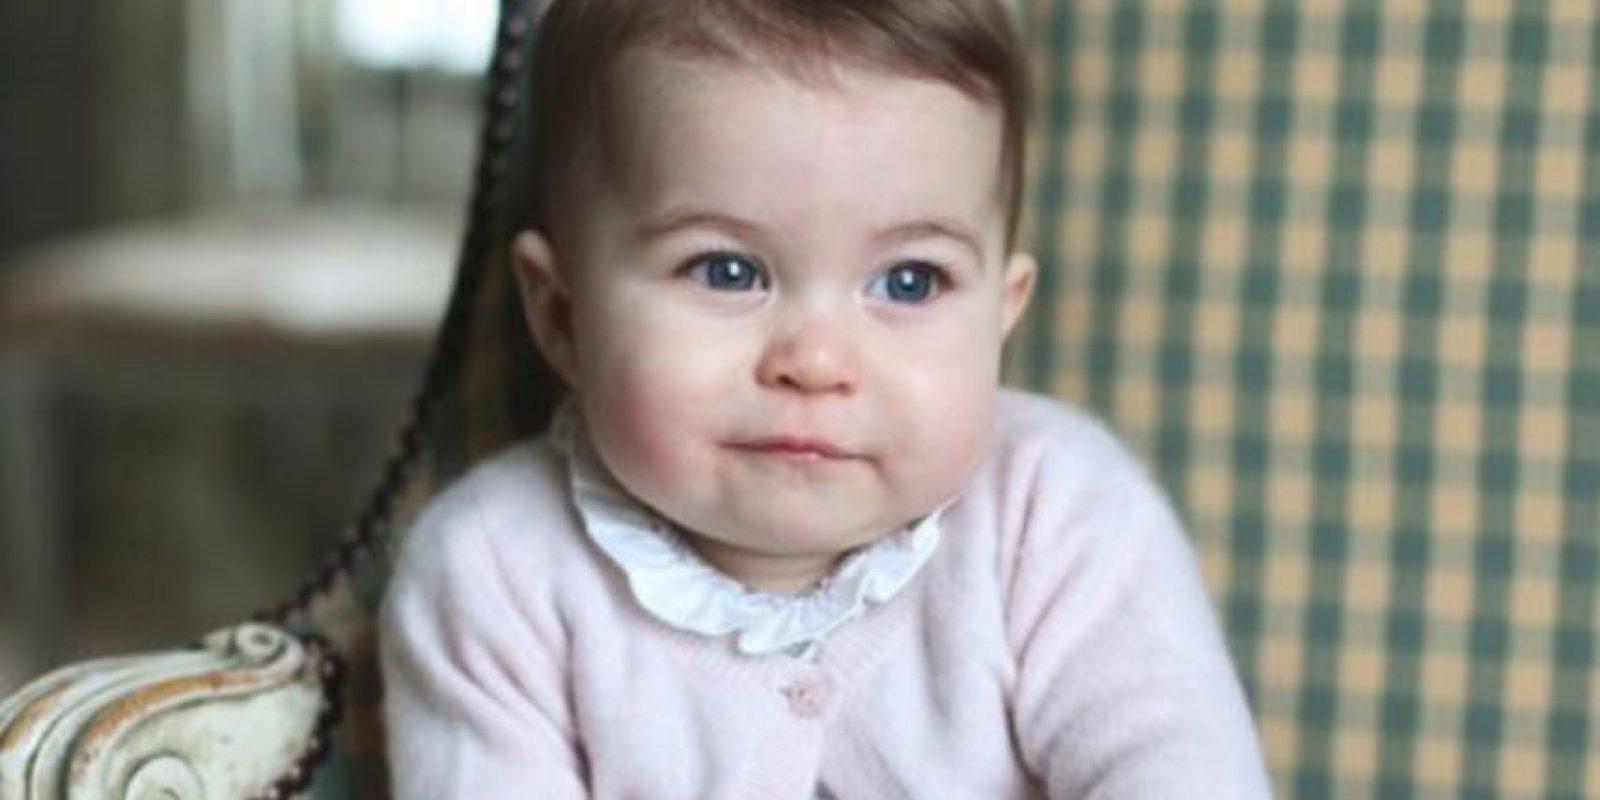 Su hermano mayor le lleva un año y medio. Foto:vía Facebook/The Royal Family. Imagen Por: